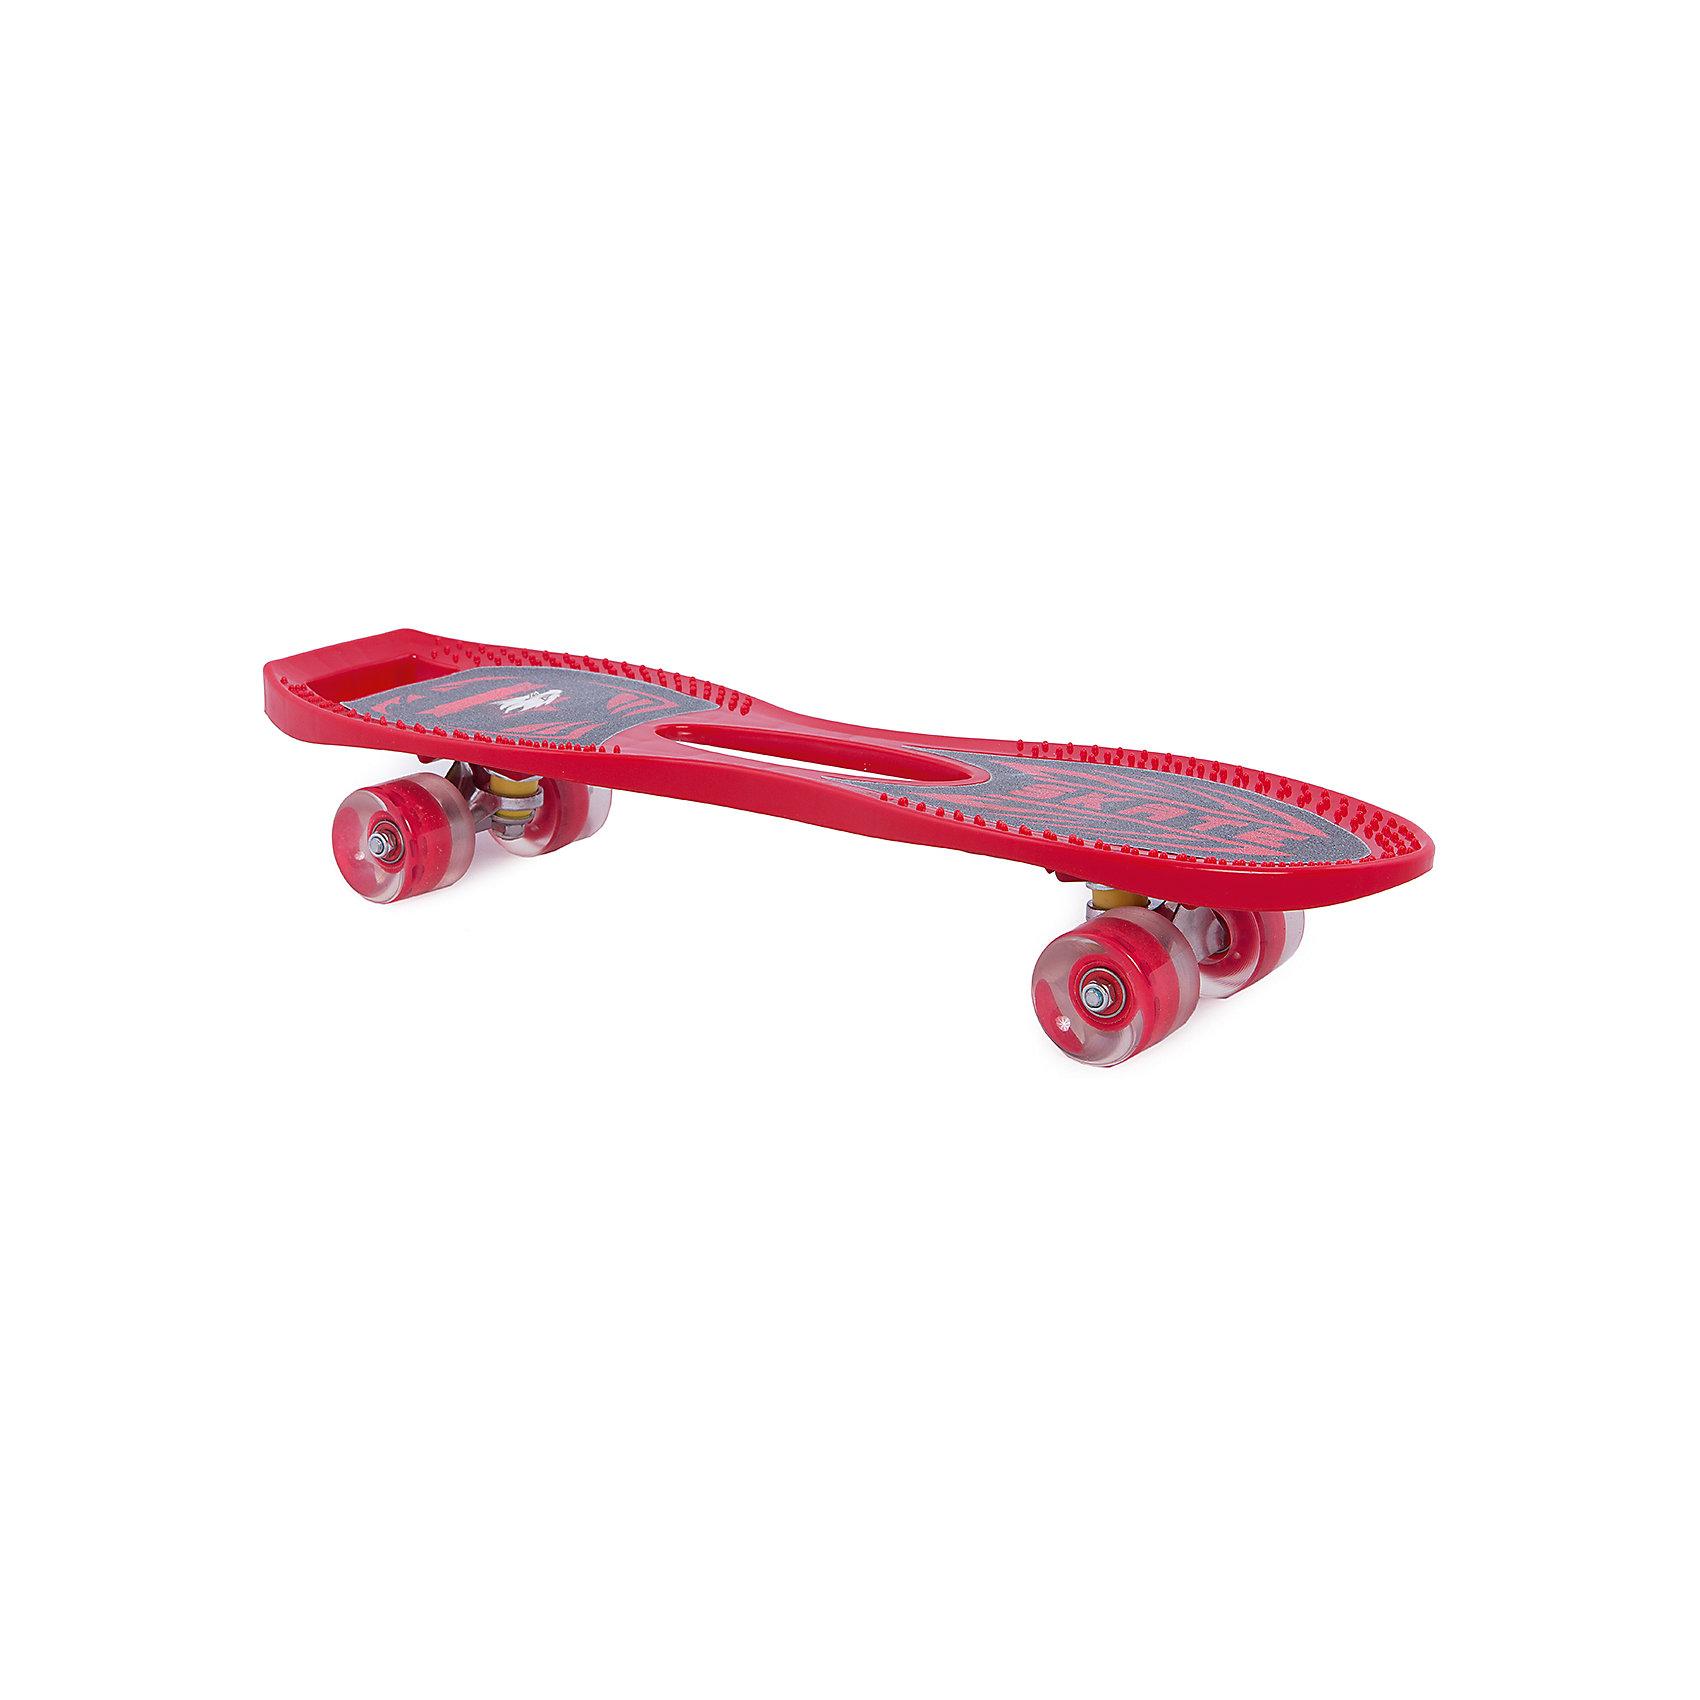 Скейтборд, ROING SCOOTERS, красныйСкейтборды и лонгборды<br>Скейтборд ROING SCOOTERS - прекрасный вариант для активного отдыха детей. Скейтборд сделан из высококачественных материалов, имеет устойчивые полиуретановые колеса. Катание на скейте не только модное и интересное увлечение, оно стимулирует ребенка к физической активности на свежем отдыхе, помогает развить различные группы мышц, координацию, укрепить иммунитет. <br><br>Дополнительная информация:<br><br>- Материал: пластик, полиуретан, алюминий. <br>- Размер: 61x9x18 см.<br>- Максимальная нагрузка: 80 кг.<br>- Вес: 1,6 кг.<br>- Уровень подготовки: для начинающих.<br><br>Скейтборд, ROING SCOOTERS, красный, можно купить в нашем магазине.<br><br>Ширина мм: 610<br>Глубина мм: 185<br>Высота мм: 90<br>Вес г: 1583<br>Возраст от месяцев: 36<br>Возраст до месяцев: 192<br>Пол: Унисекс<br>Возраст: Детский<br>SKU: 4609549